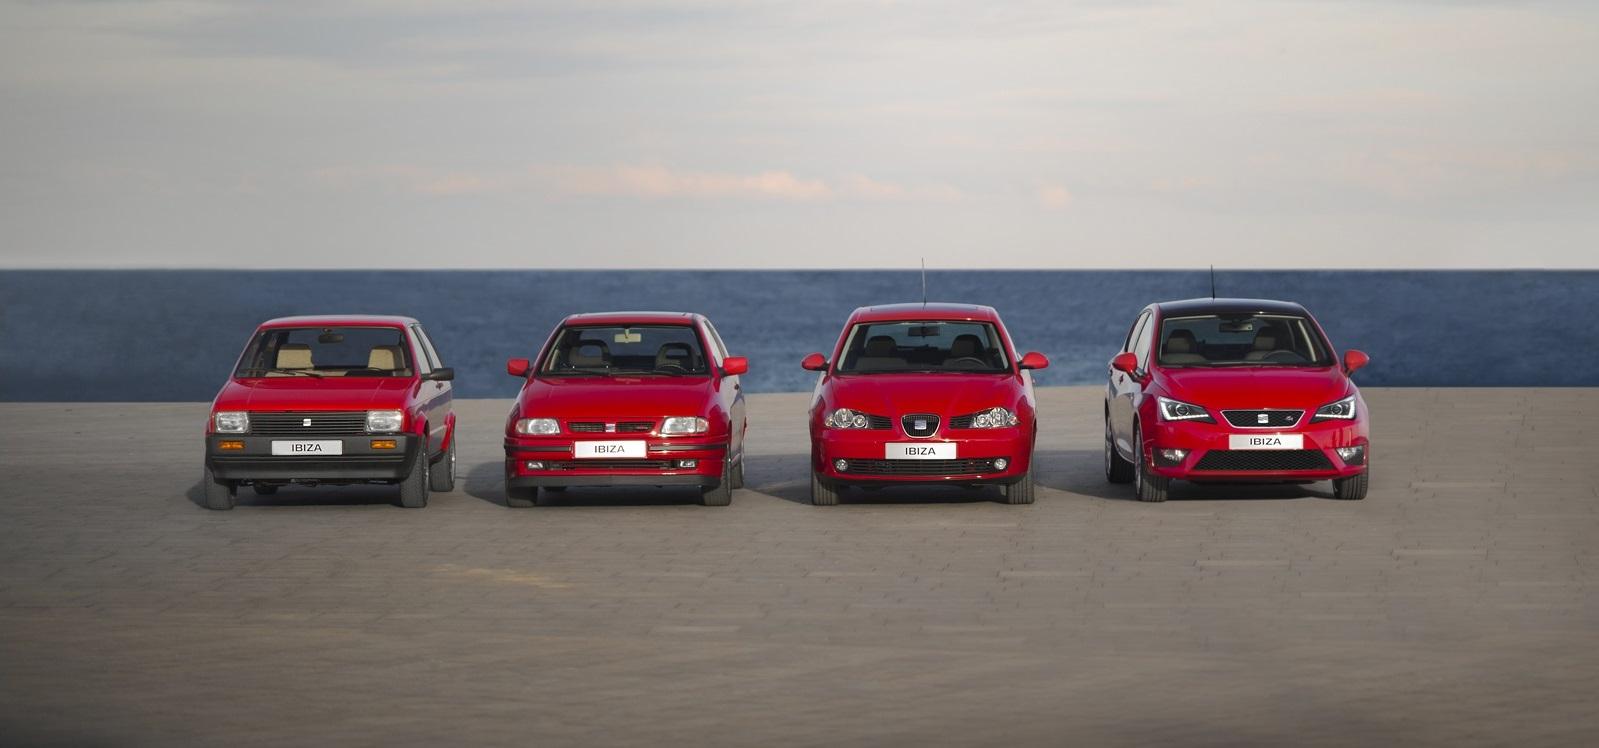 Ibiza Modellen